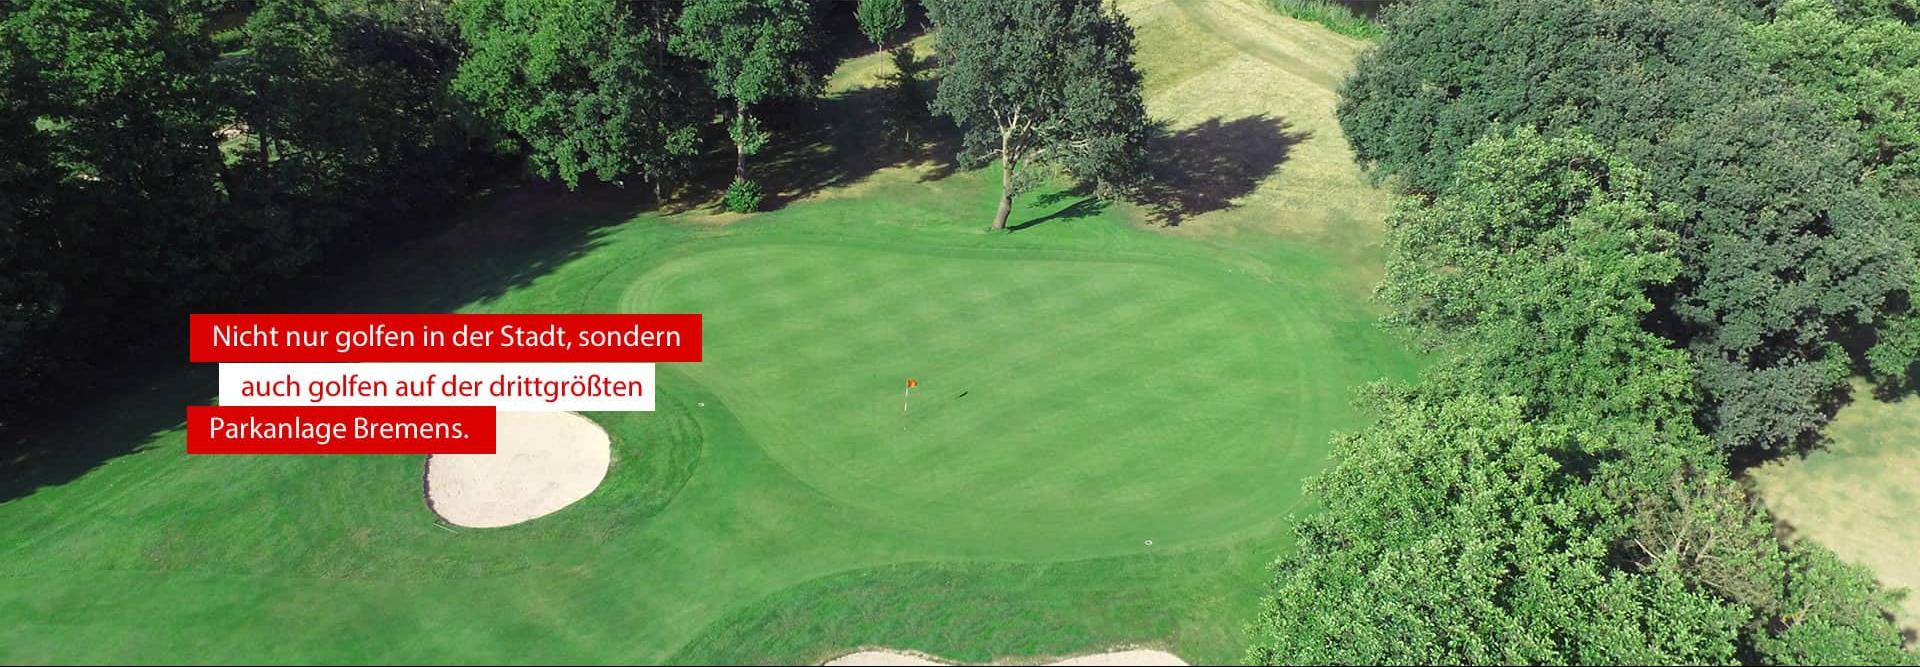 Golf in Bremens drittgrößter Parkanlage